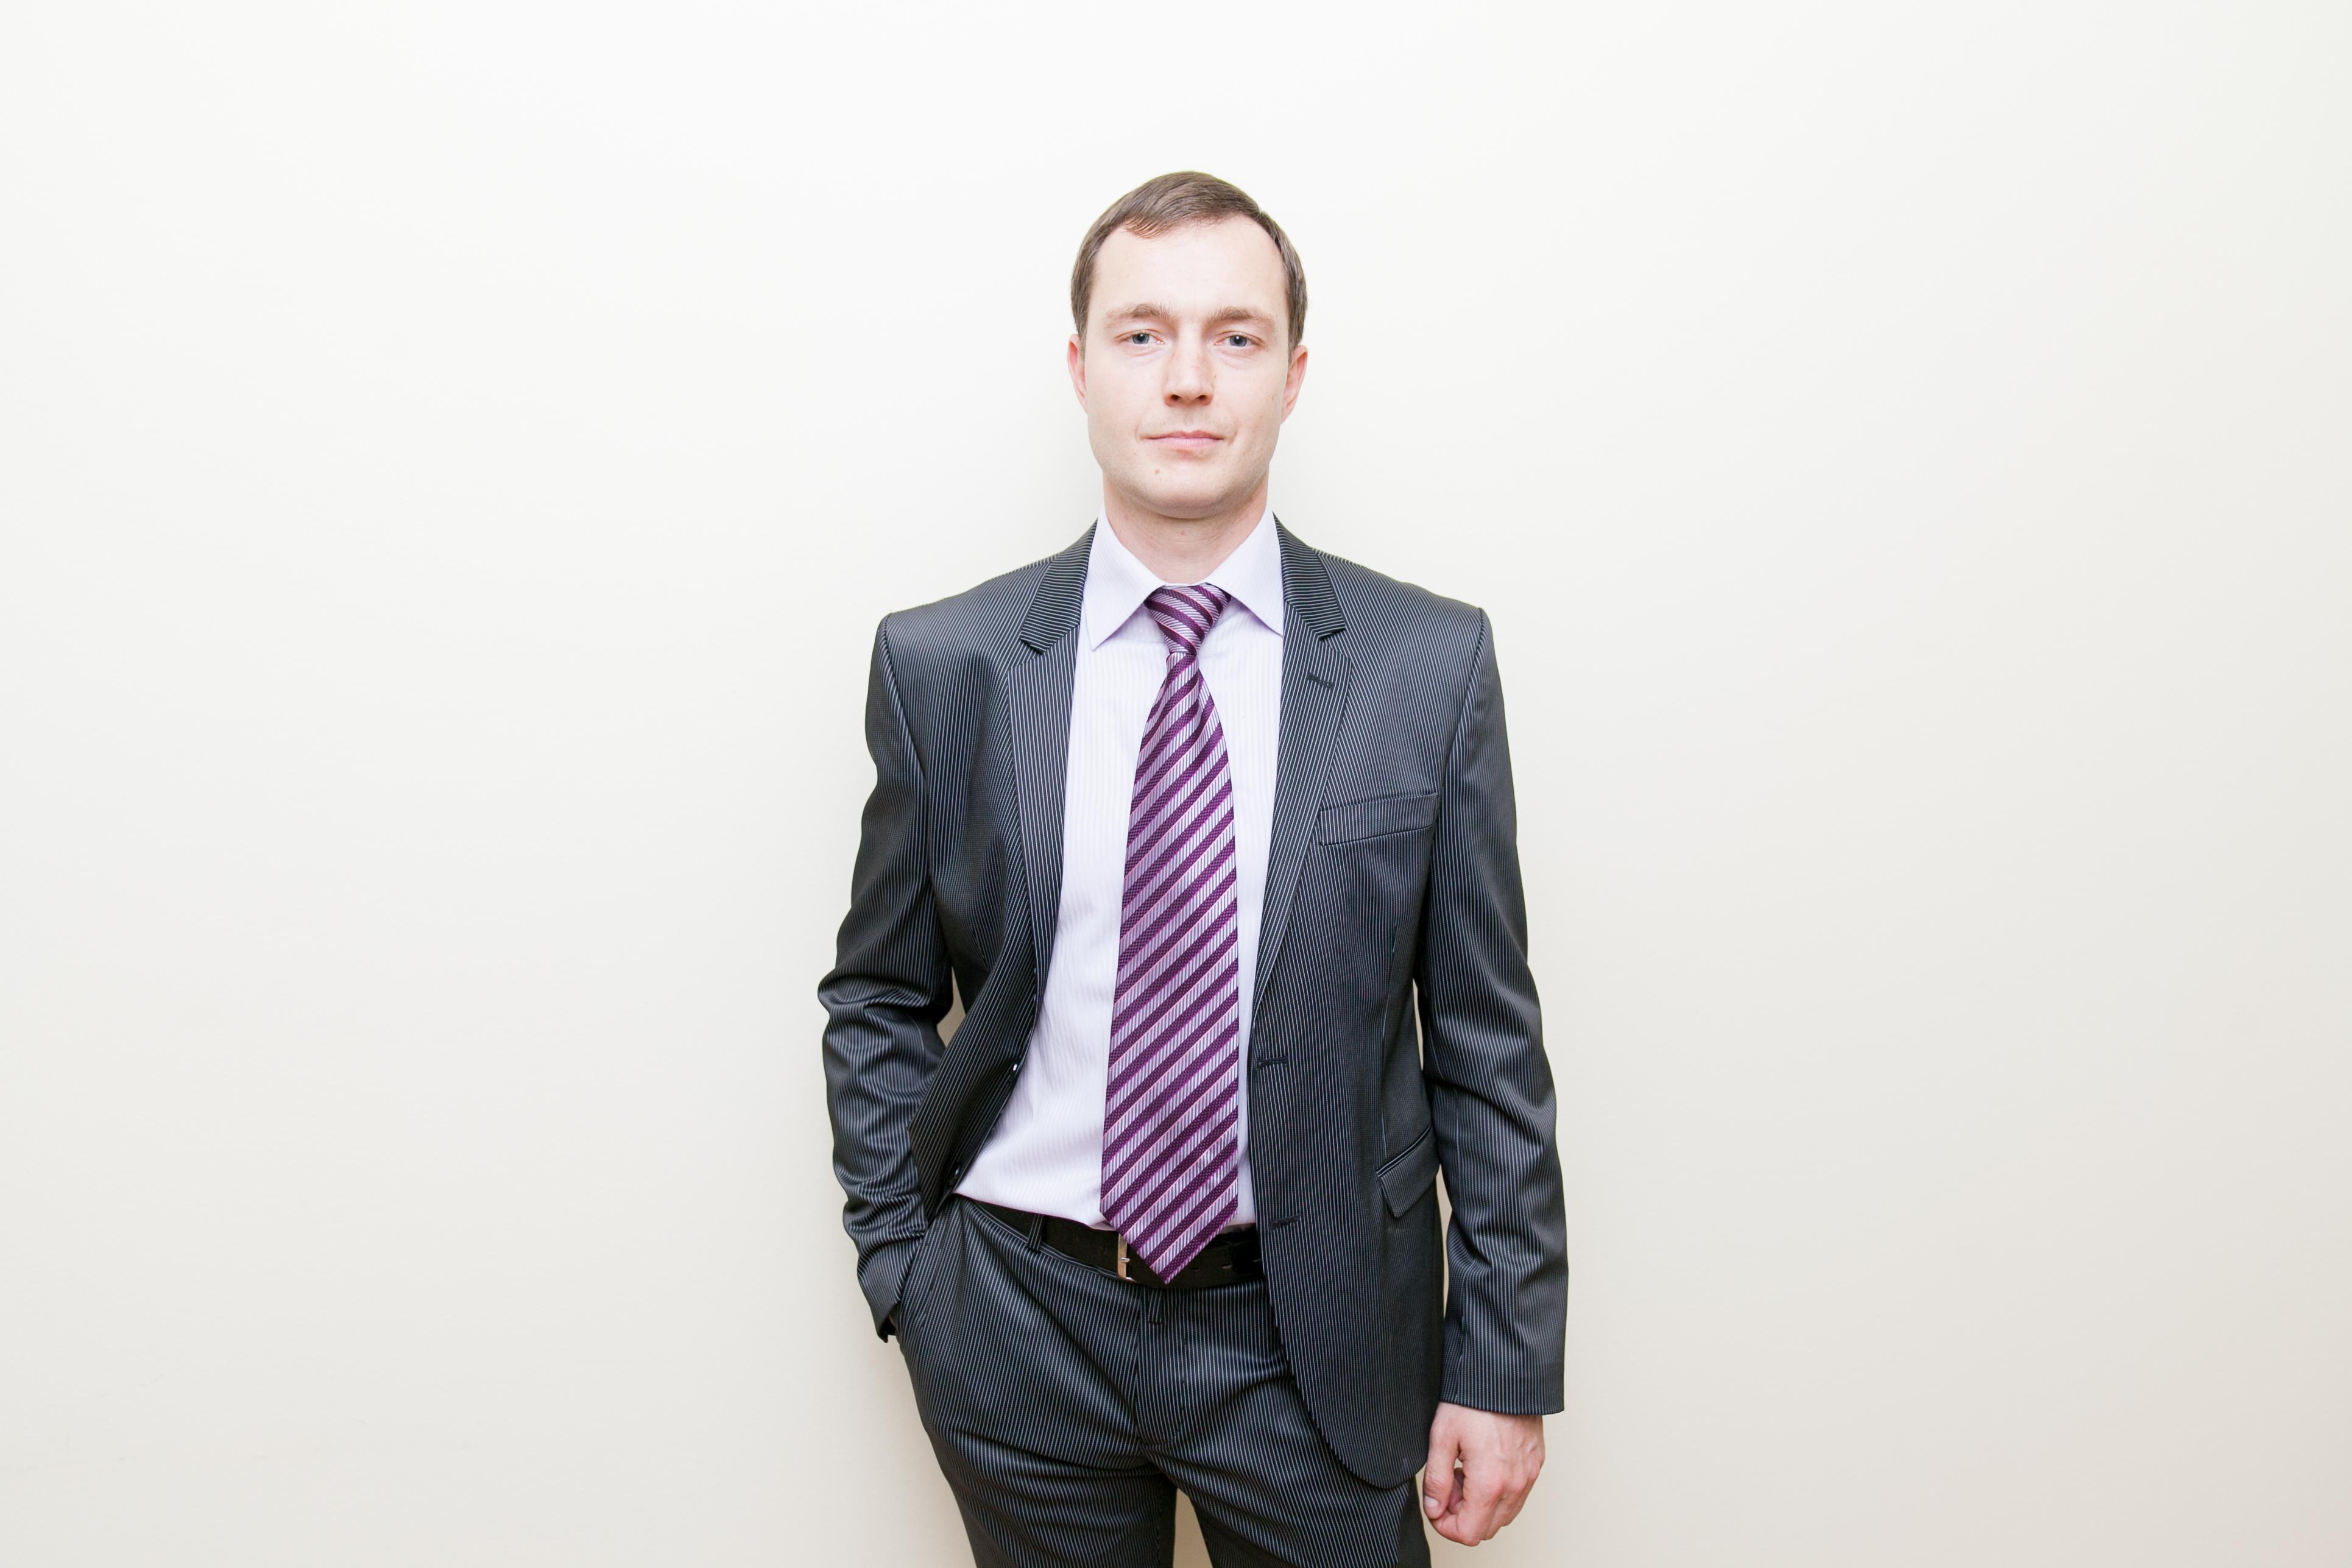 Андрей Козловский, руководитель отдела маркетинга Манго Телеком